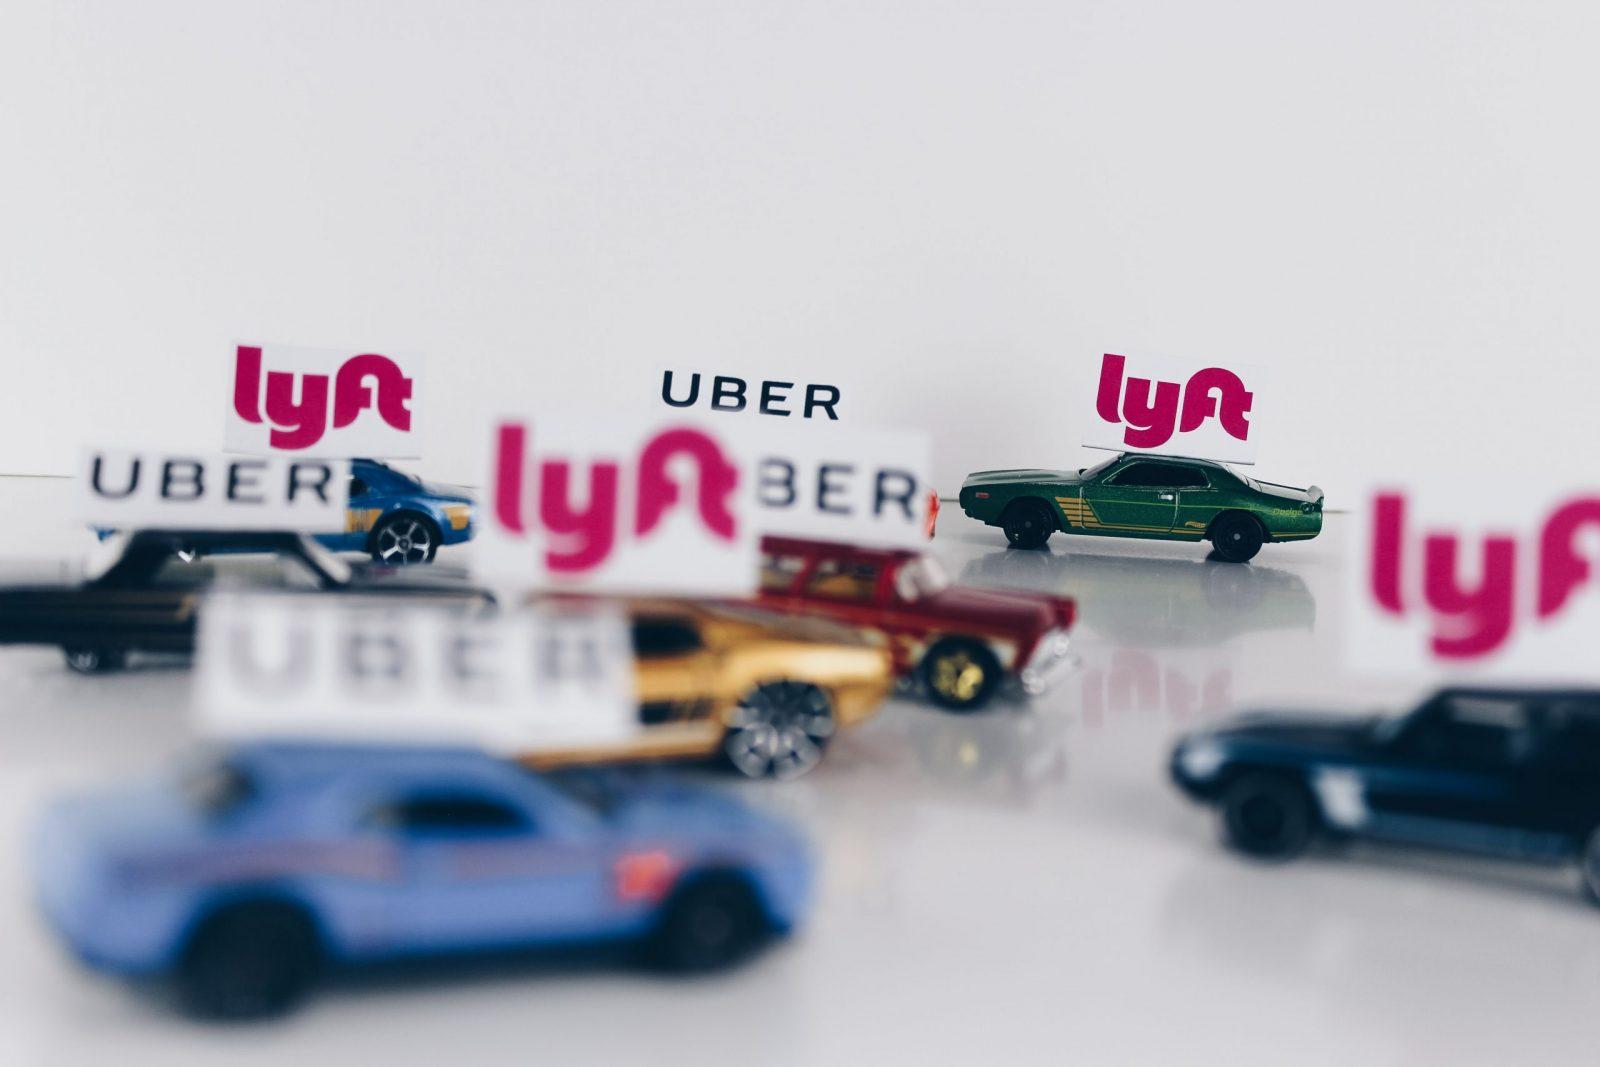 Coronavirus : Uber et Lyft suspendent les trajets partagés pour ralentir la propagation du virus